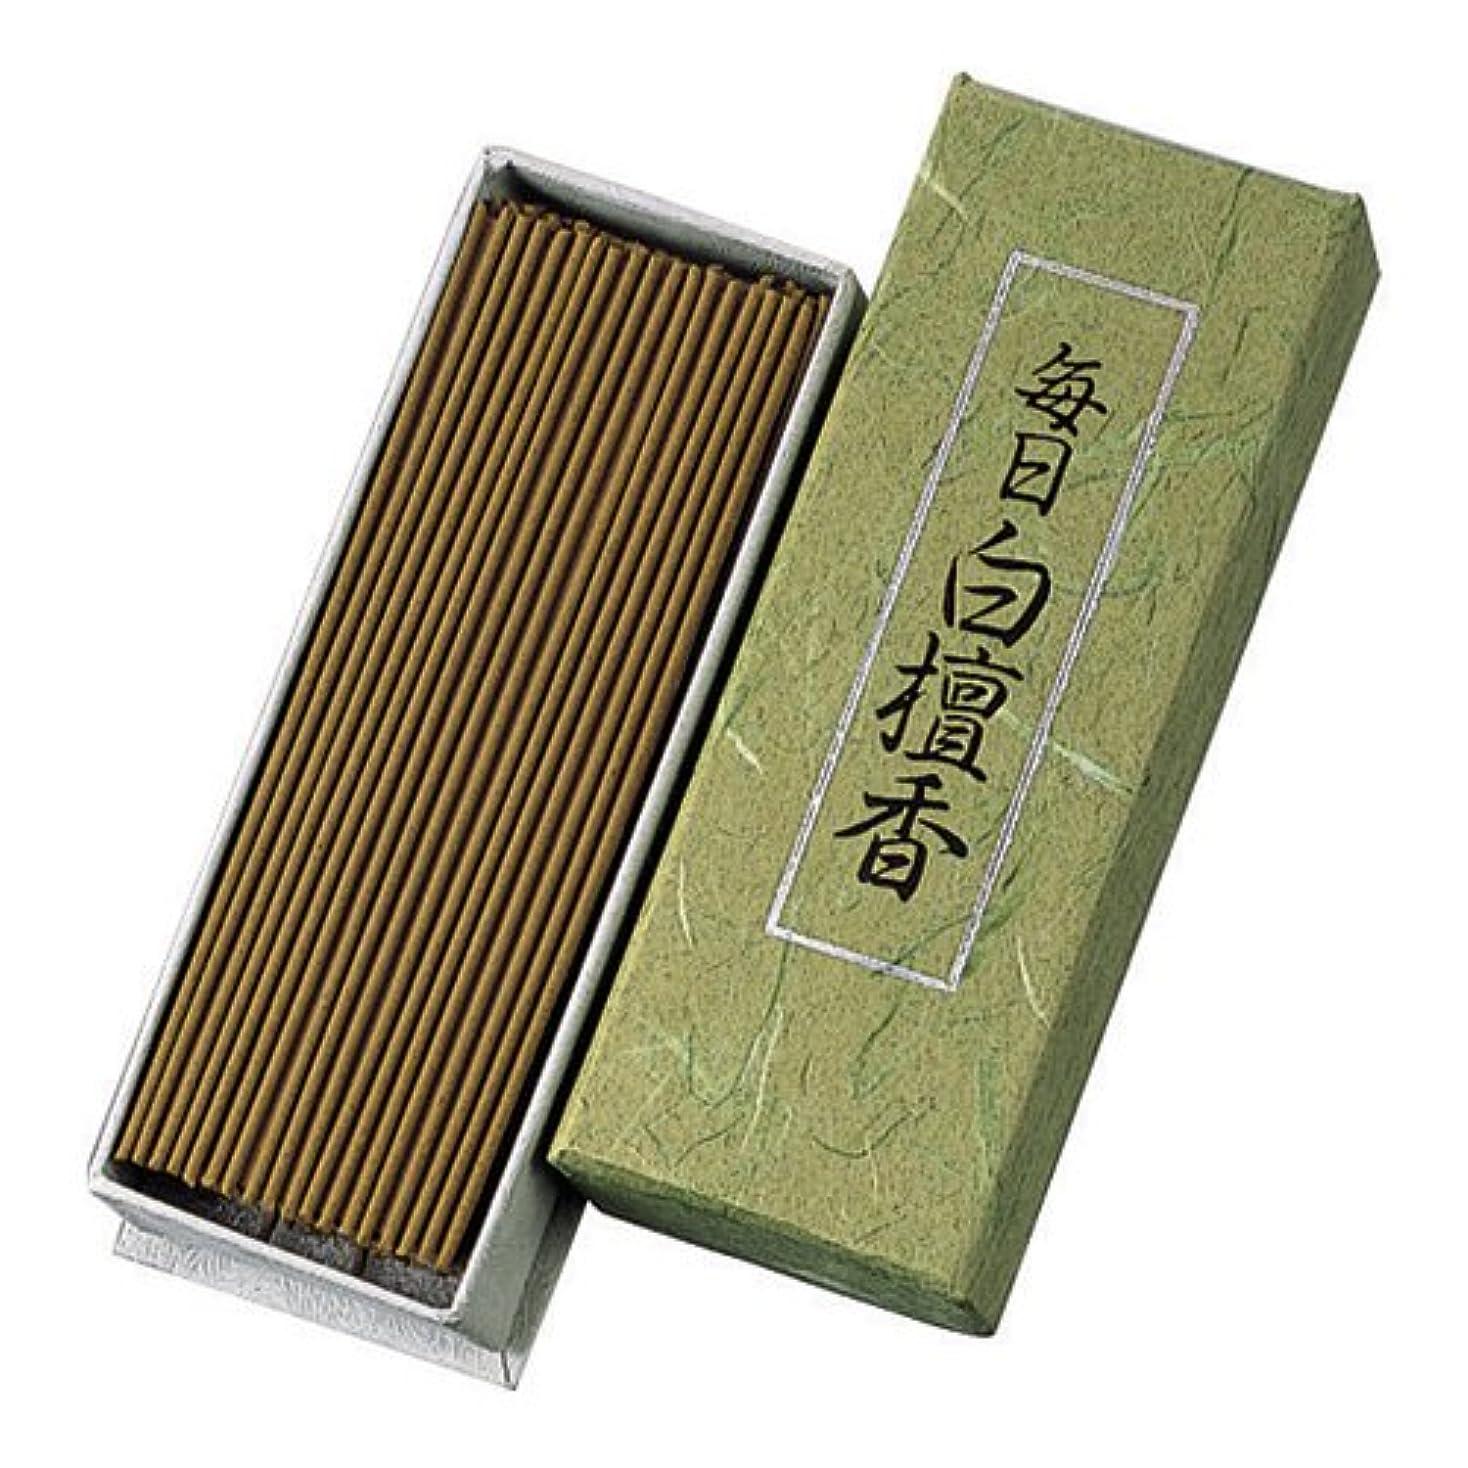 履歴書置き場瞑想Nippon Kodo – Mainichi Byakudan – Sandalwood Incense 150 sticks